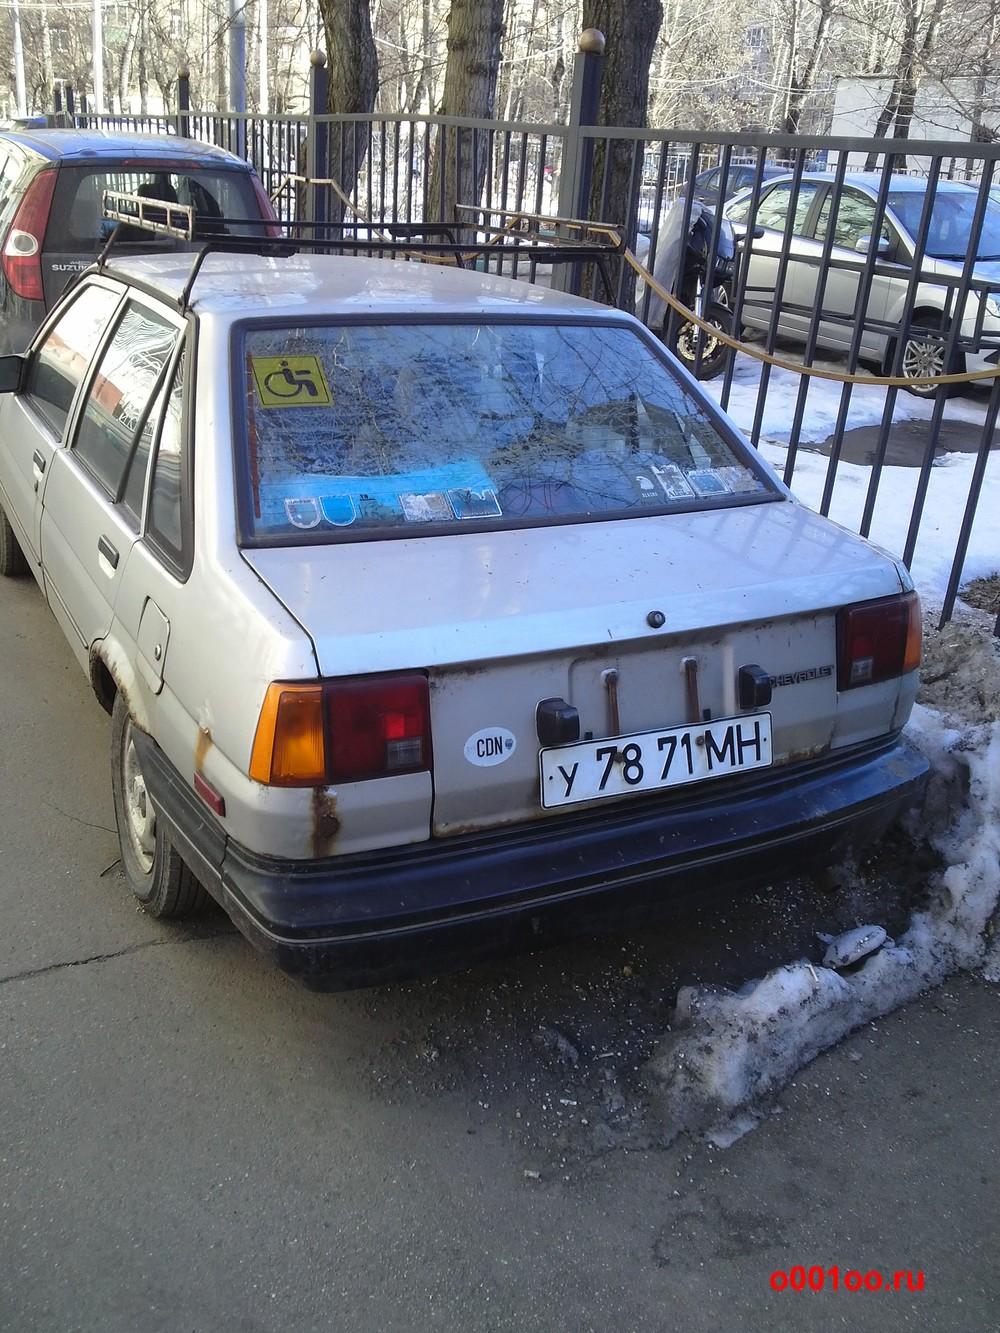 у7871МН